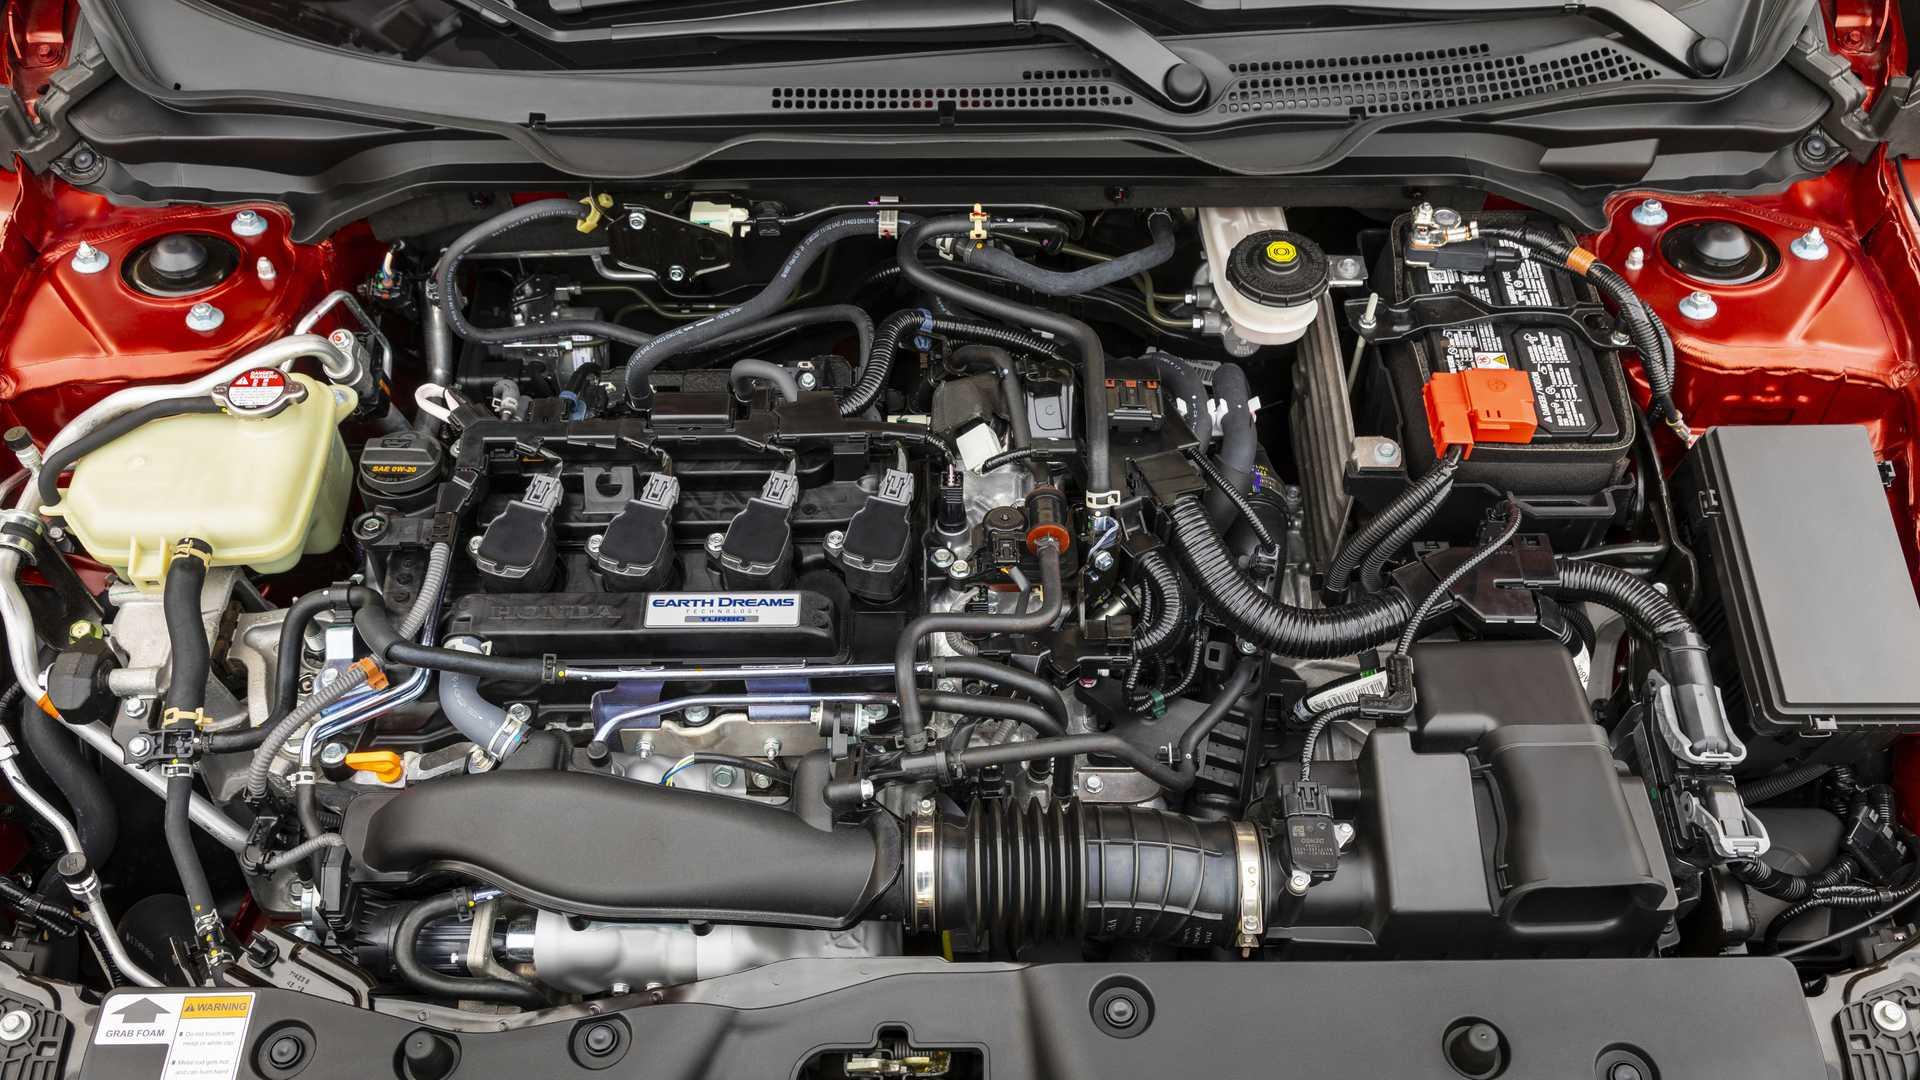 Motor 2.0 aspirado de 160 cv e 19 kgfm